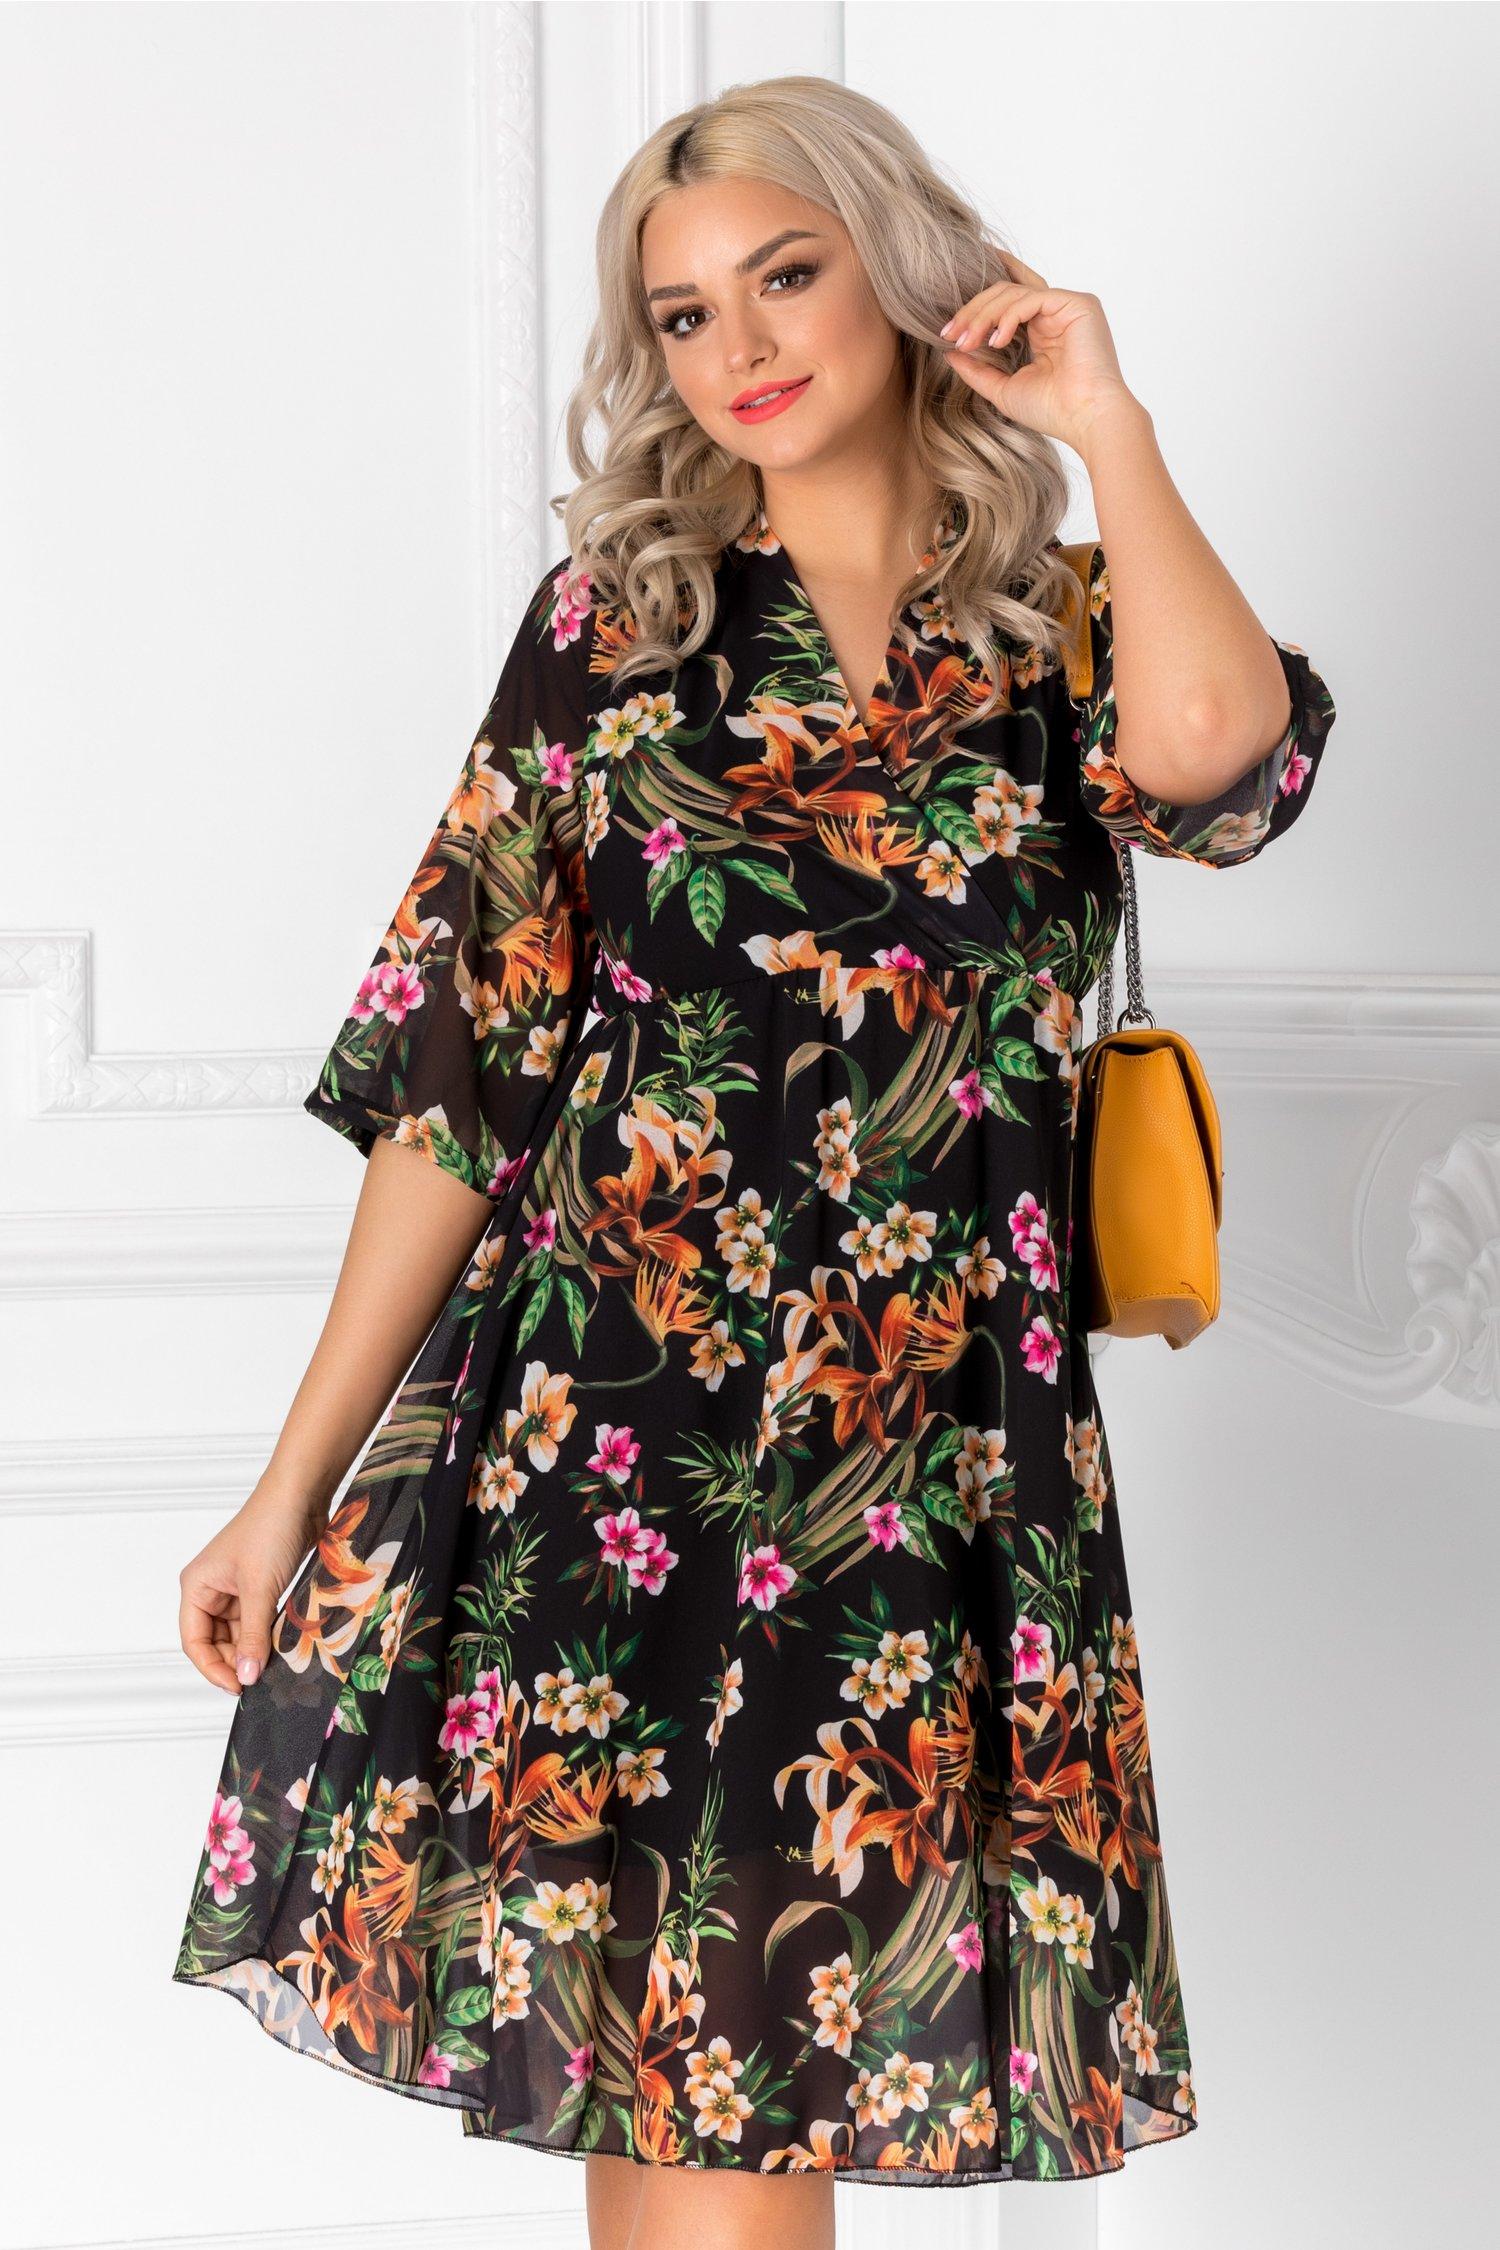 Rochie Nati neagra cu imprimeu floral colorat